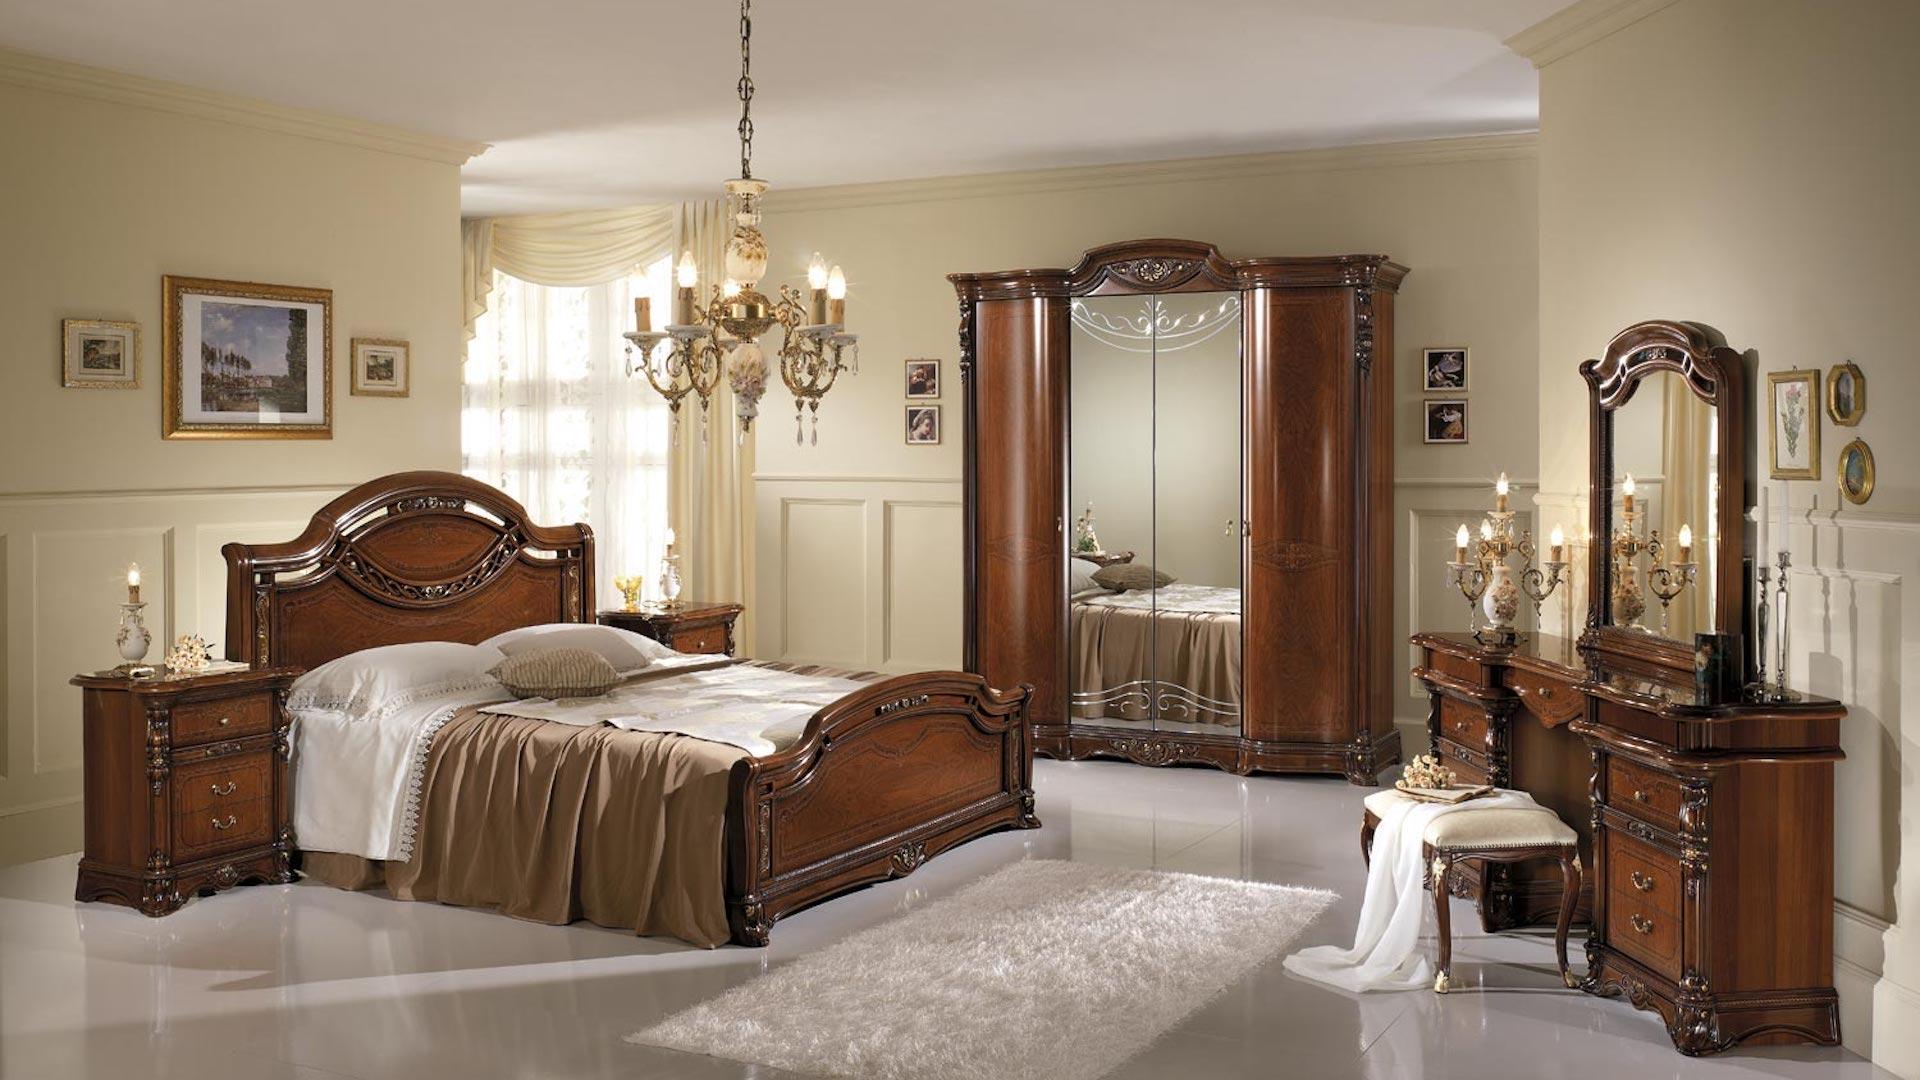 Arredamento della camera da letto: Le Camere Da Letto Classiche Di Mobili Gentiluomo